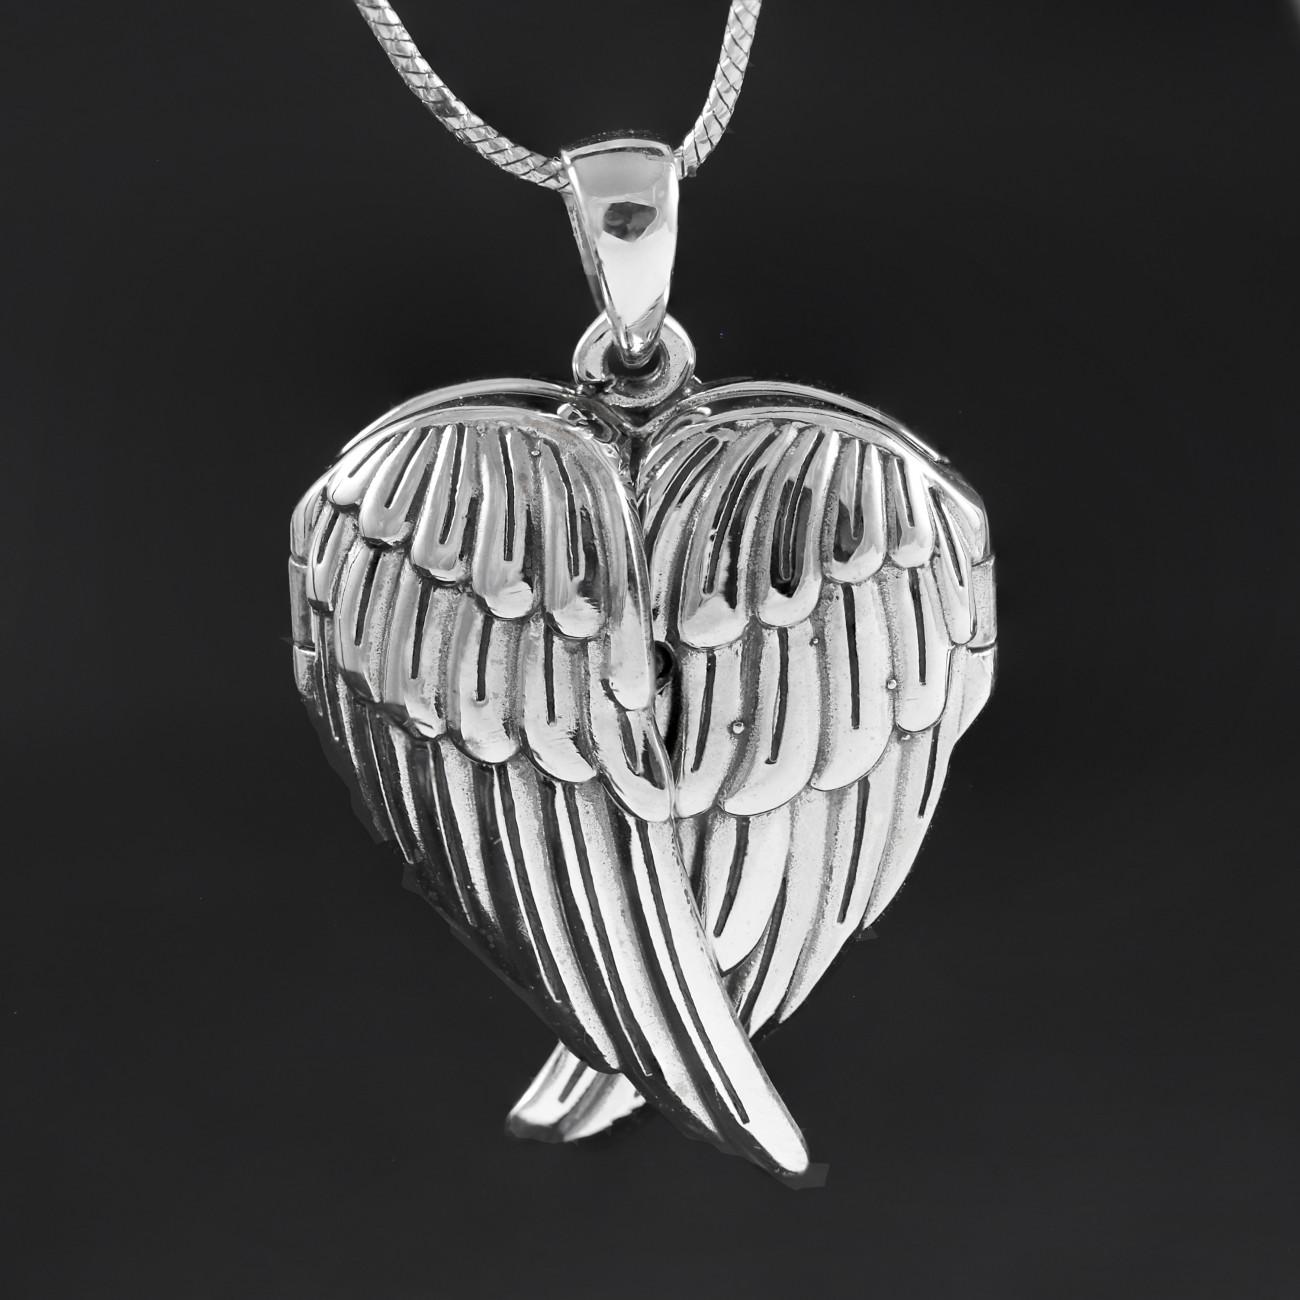 Stříbrný medailonek na fotku srdce s otevíracími andělskými křídly